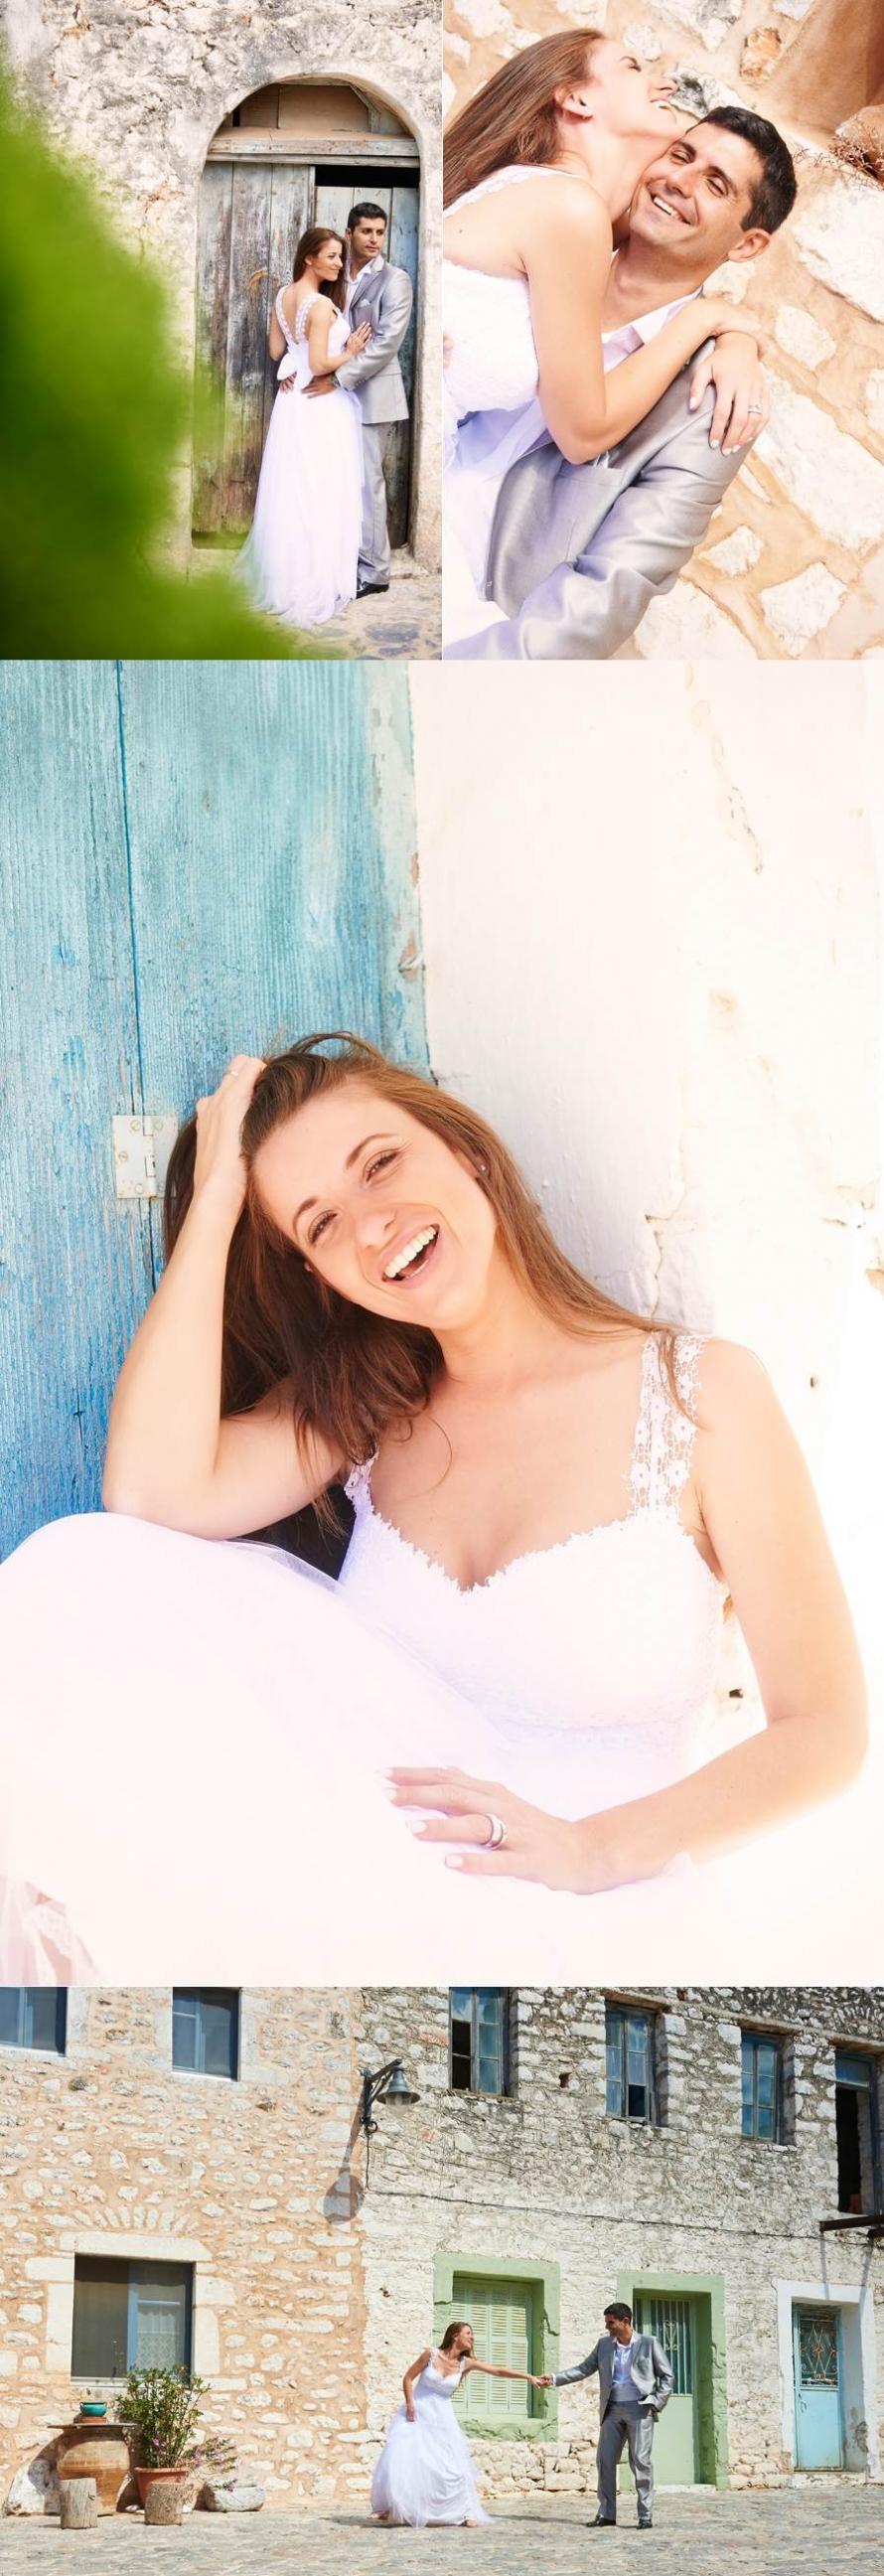 Nikos Anastasia wedding photos_0025